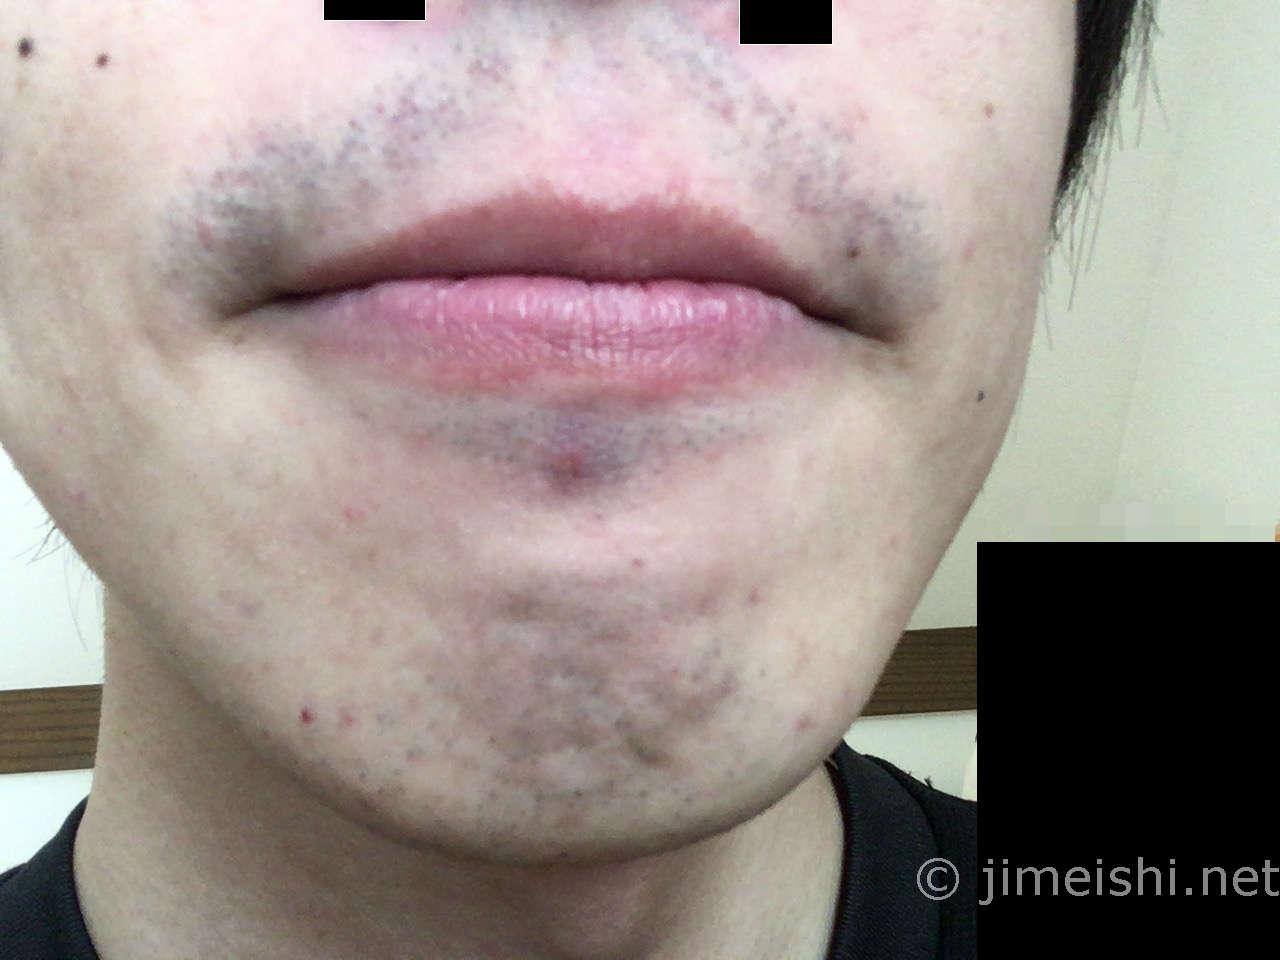 ひげ剃り後正面写真)